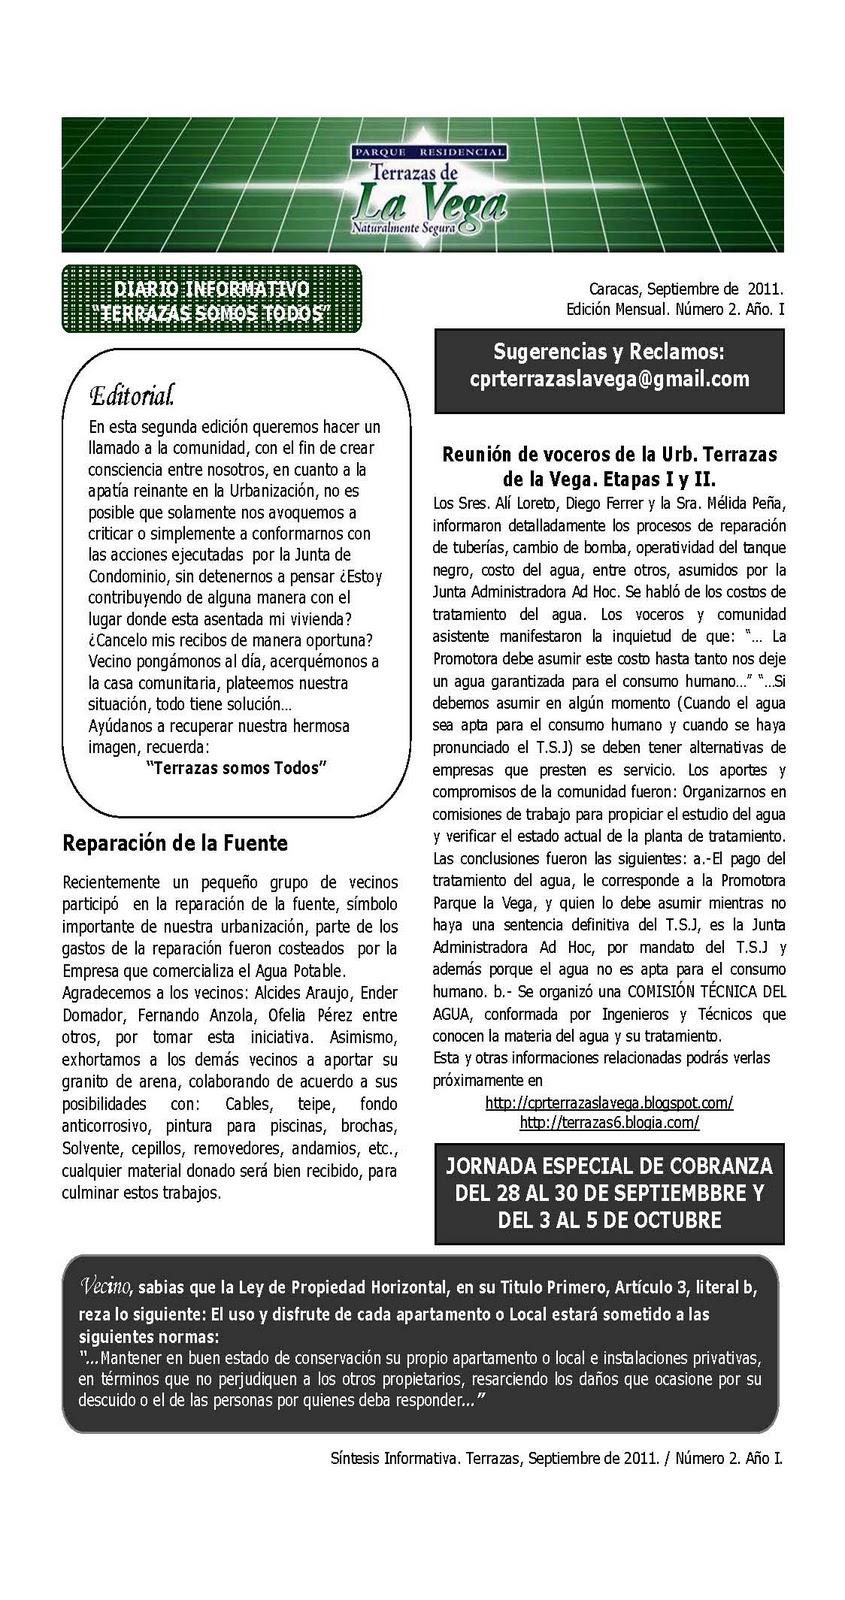 Conjunto Parque Residencial Terrazas De La Vega Diario